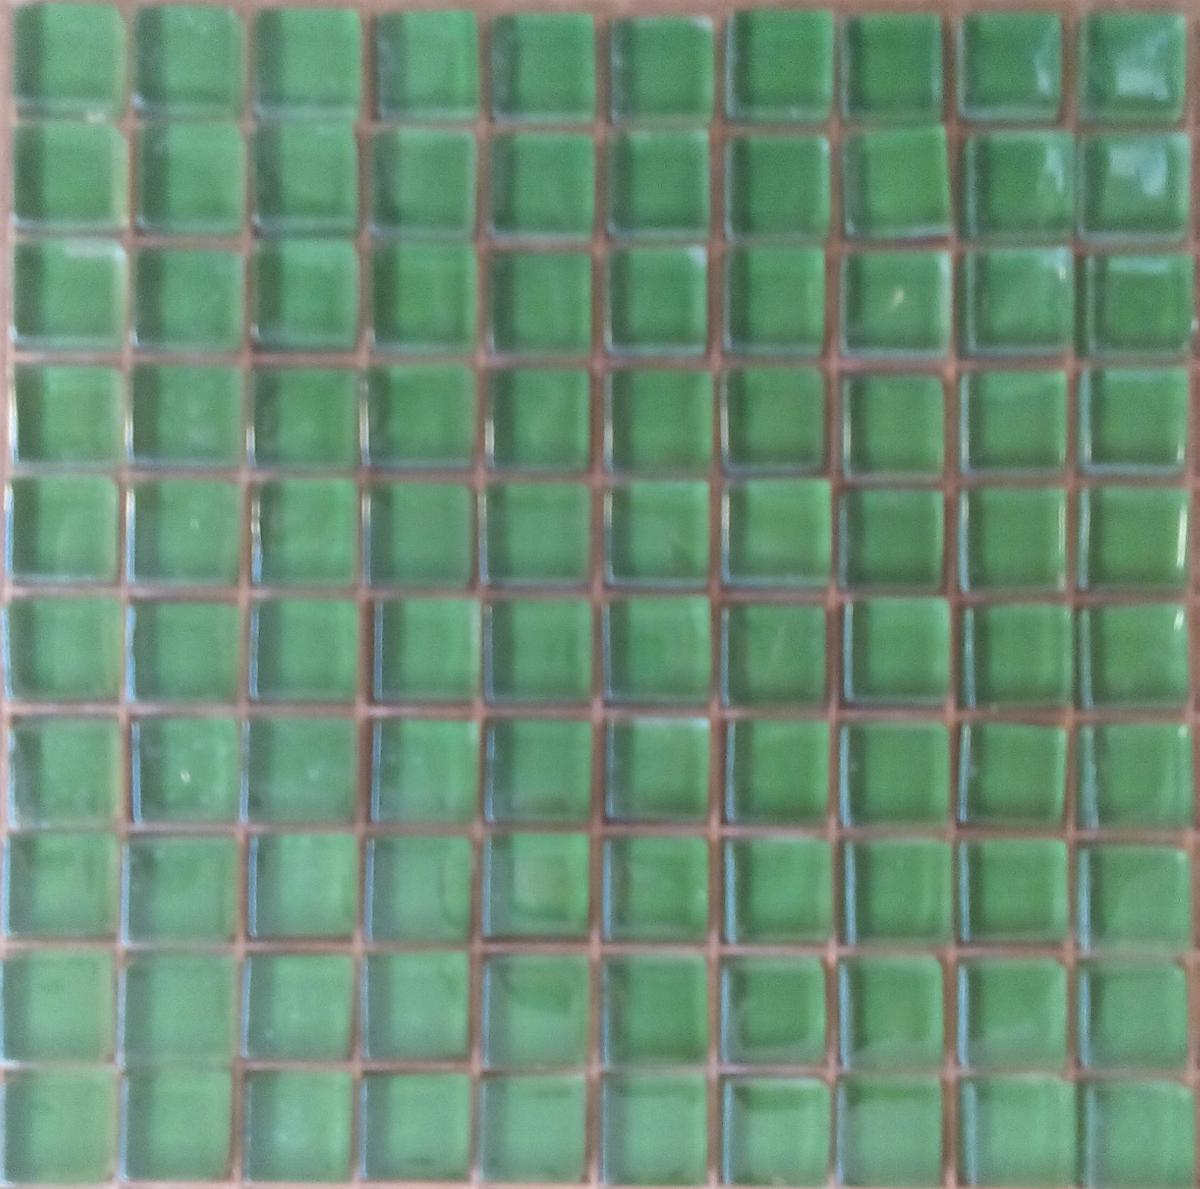 mosa que p te de verre couleur vert fonc plaque vente de mosa que salle de bain. Black Bedroom Furniture Sets. Home Design Ideas